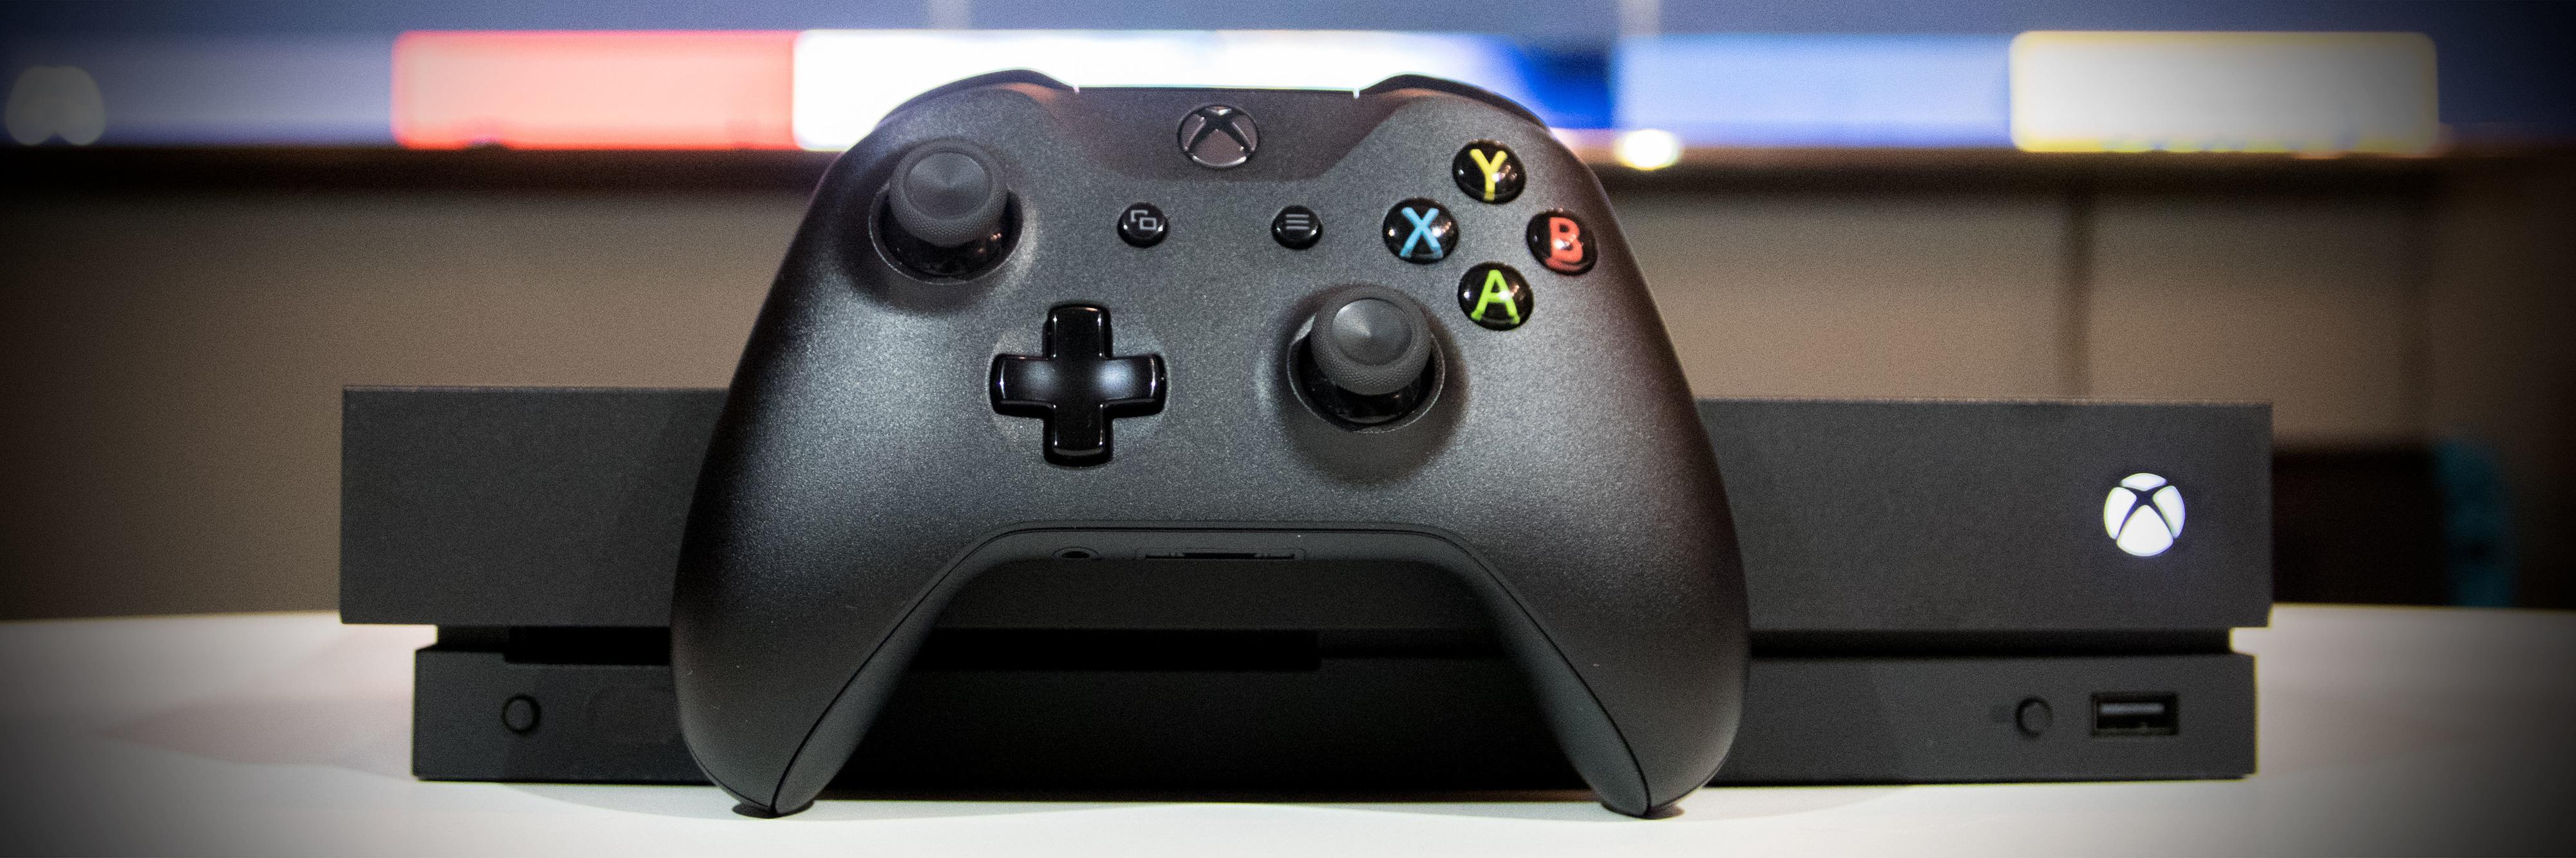 Microsofts nye Xbox One X er knallgod, men er det godt nok? Bilde: Niklas Plikk, Tek.no